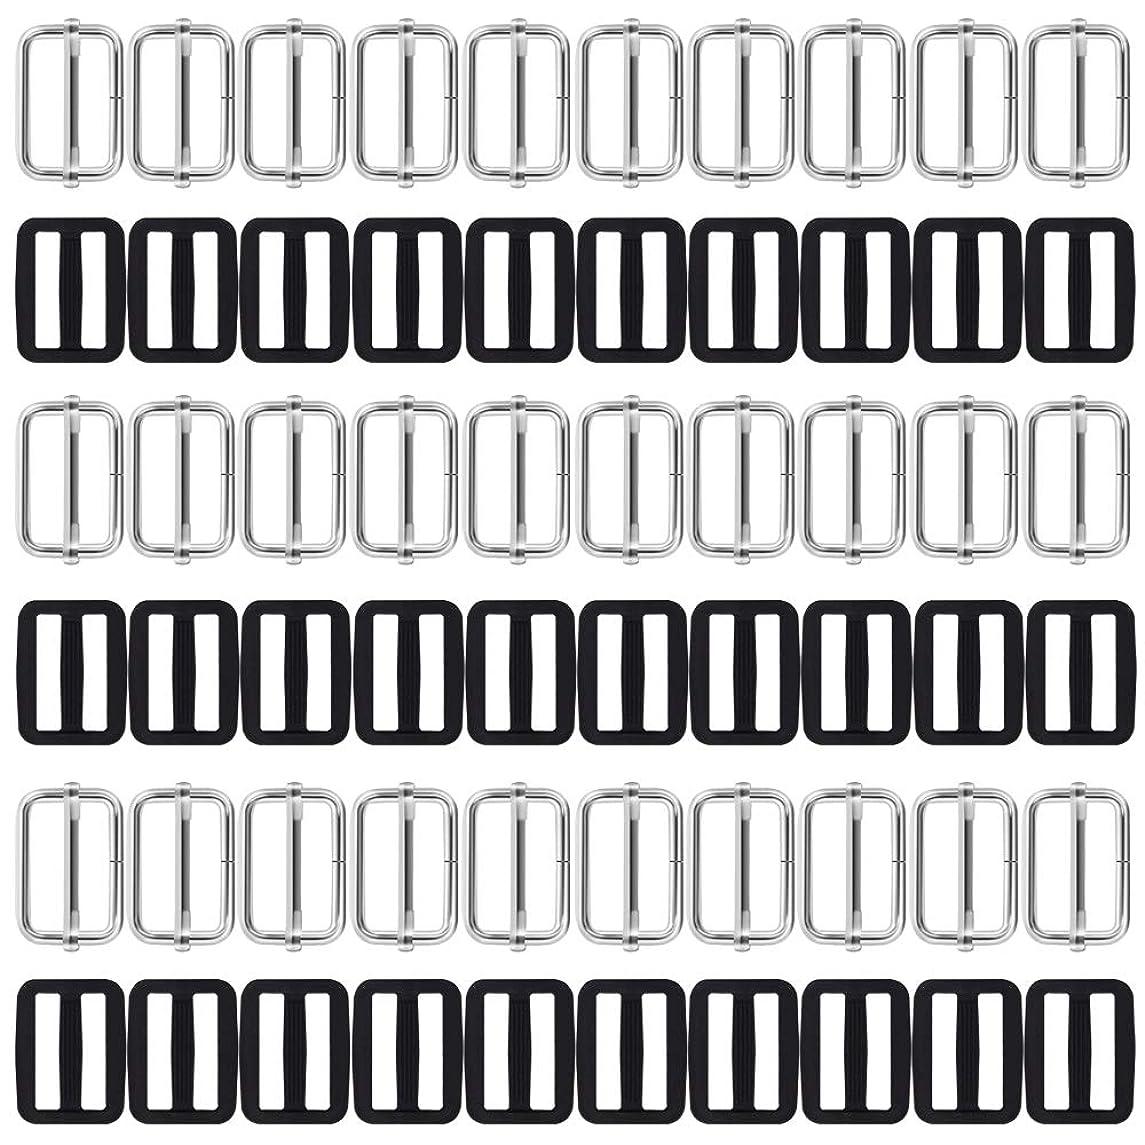 60 Pcs 1 inch Tri-Glides Slide, AFUNTA Metal & Plastic Rectangle Adjustable Webbing Slider Fasteners Strap Backpack Belt Suitcase DIY Accessories - Black & Silver